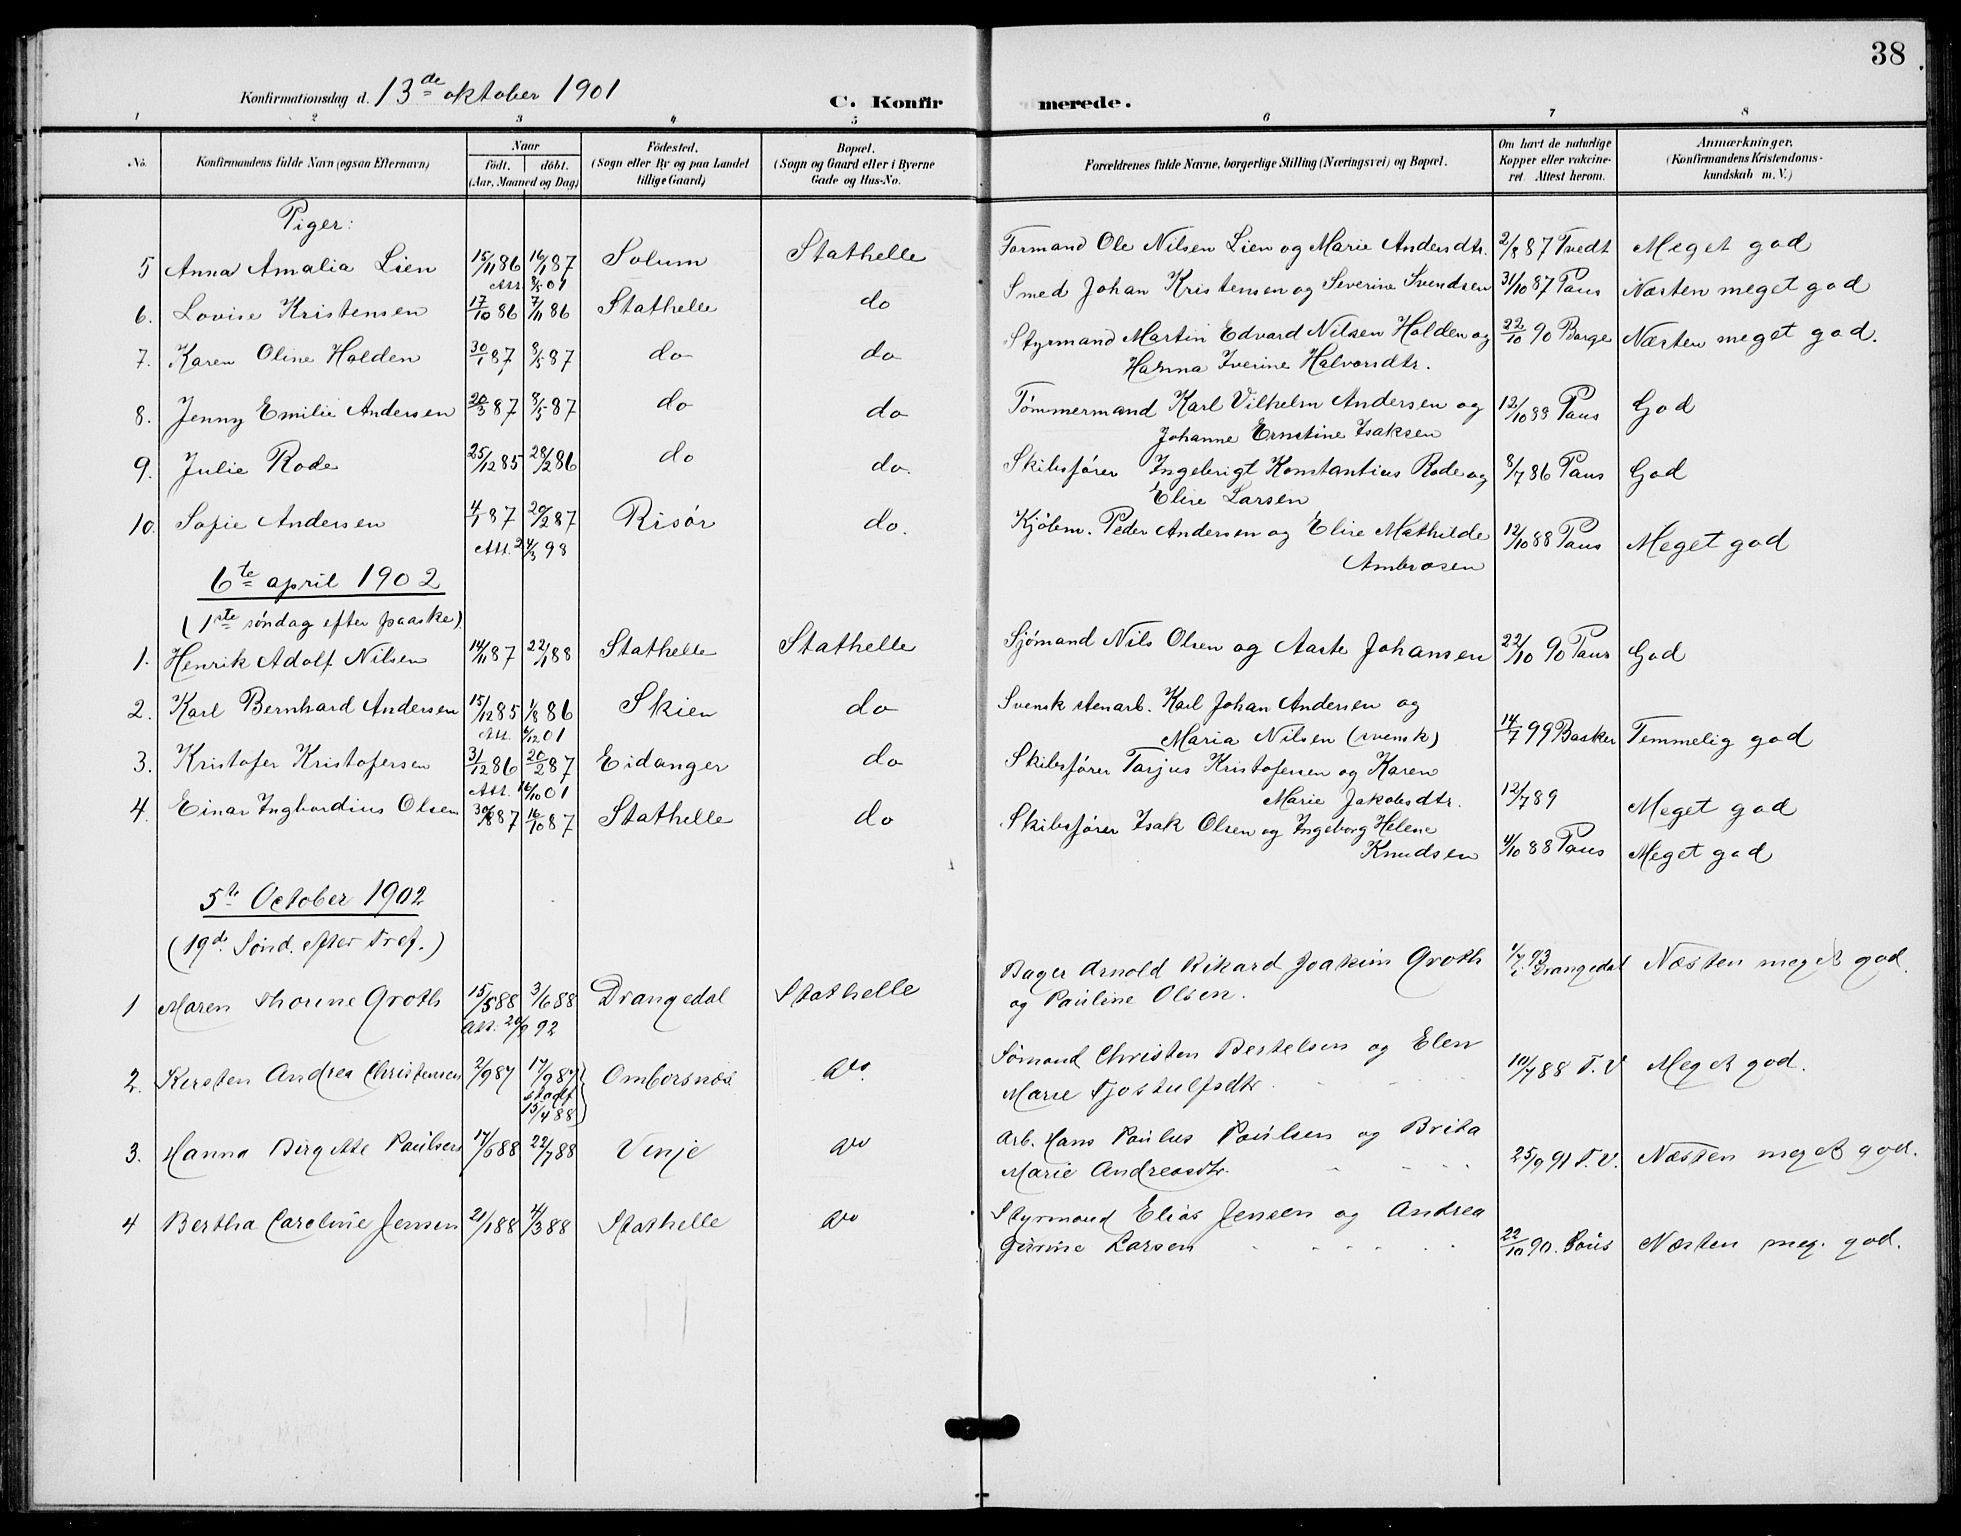 SAKO, Bamble kirkebøker, G/Gb/L0002: Klokkerbok nr. II 2, 1900-1925, s. 38